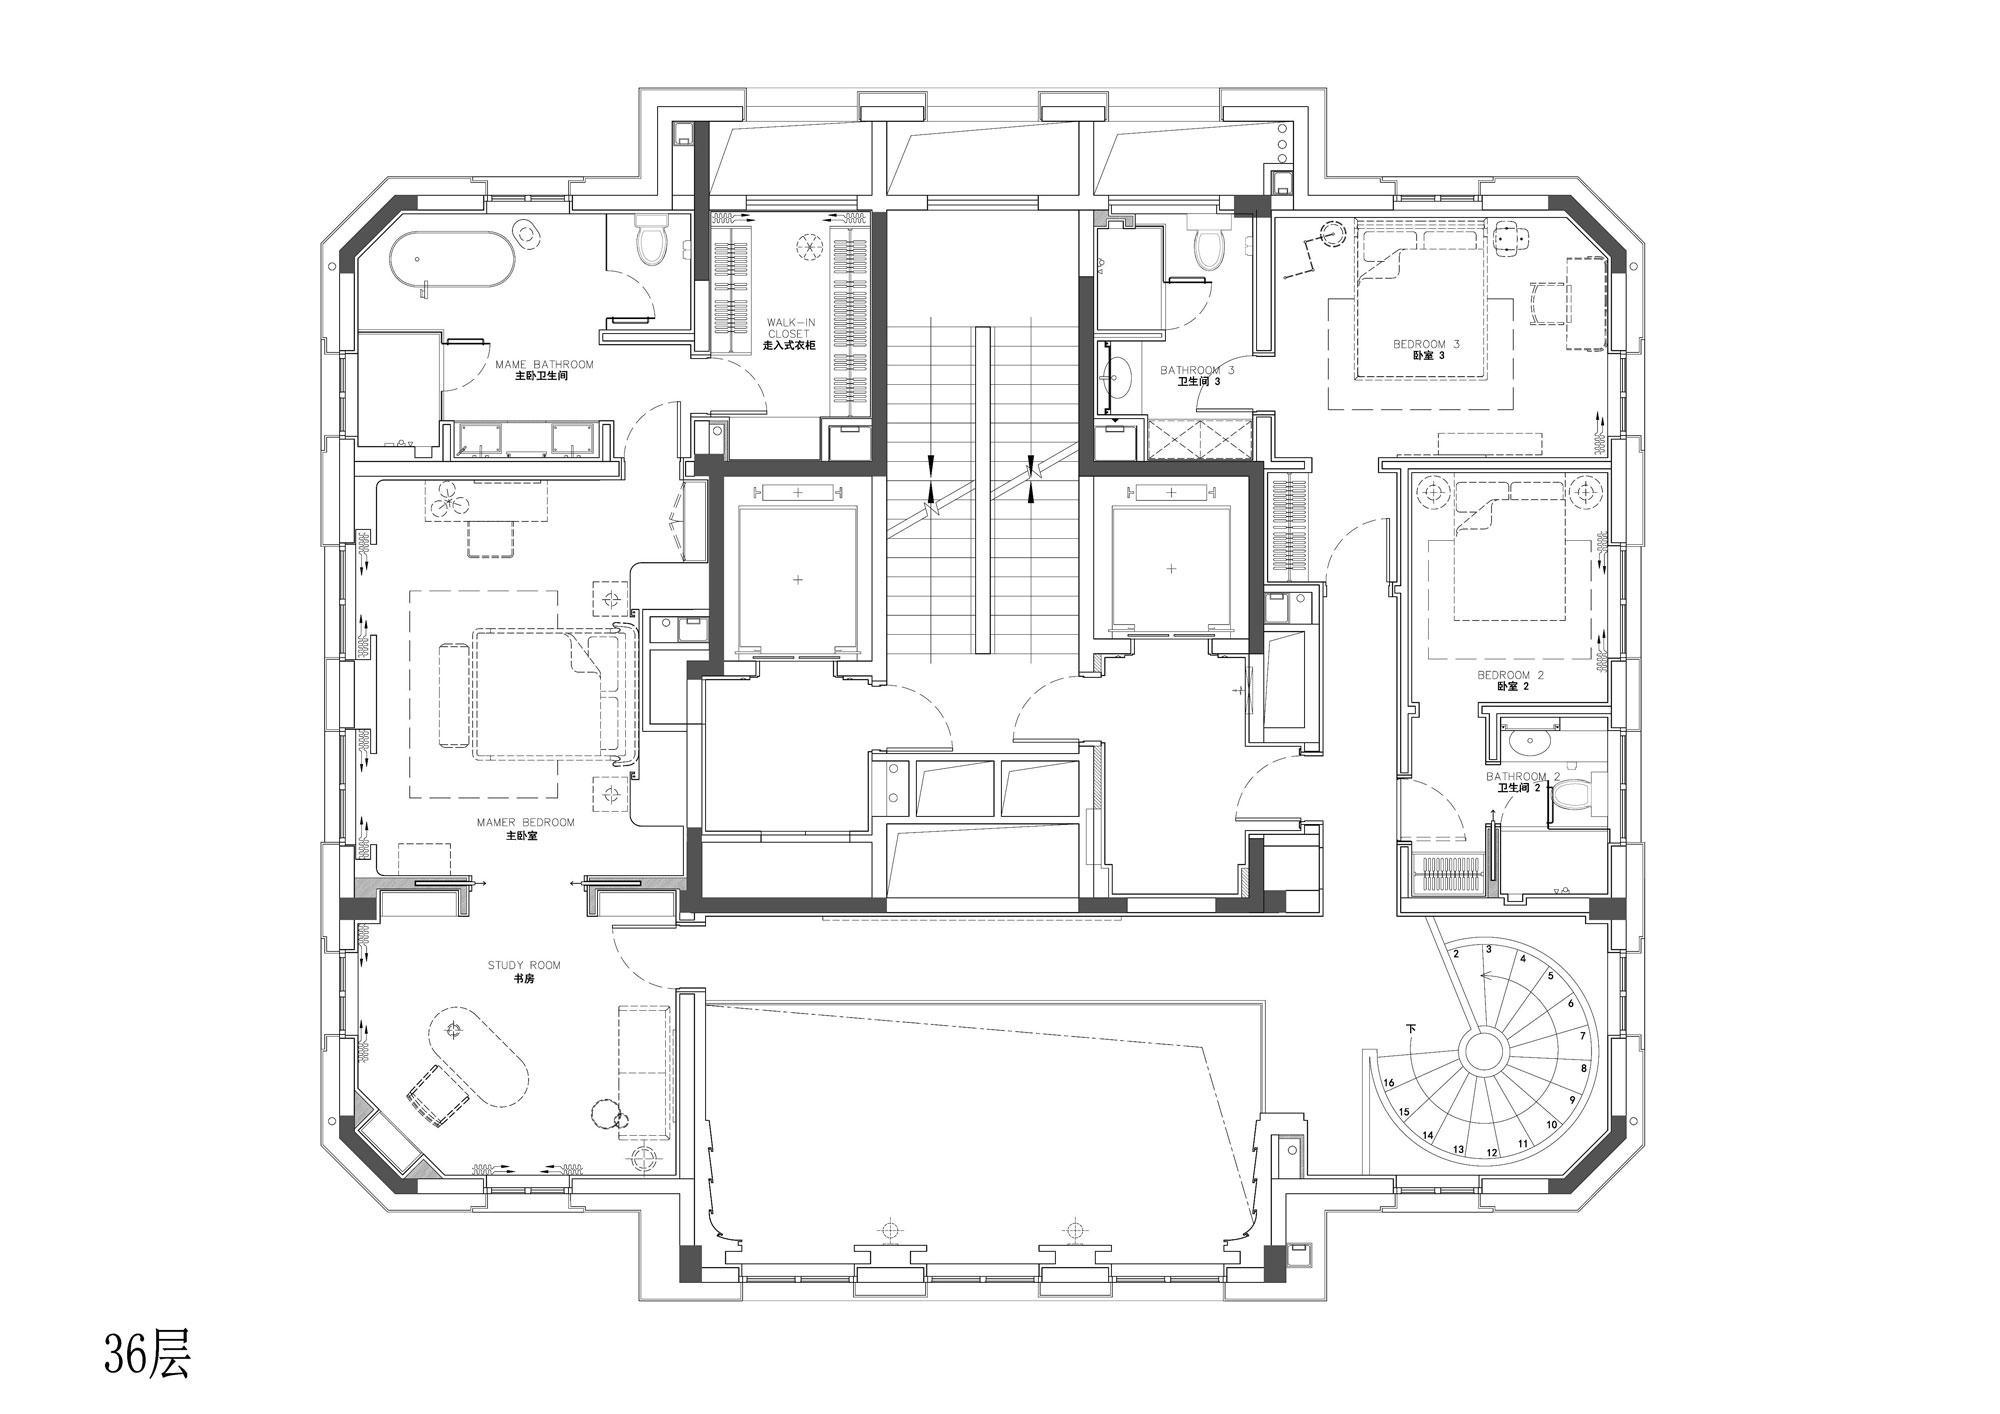 杭州万科大都会79号空中顶层复式室内设计/MDO木君建筑